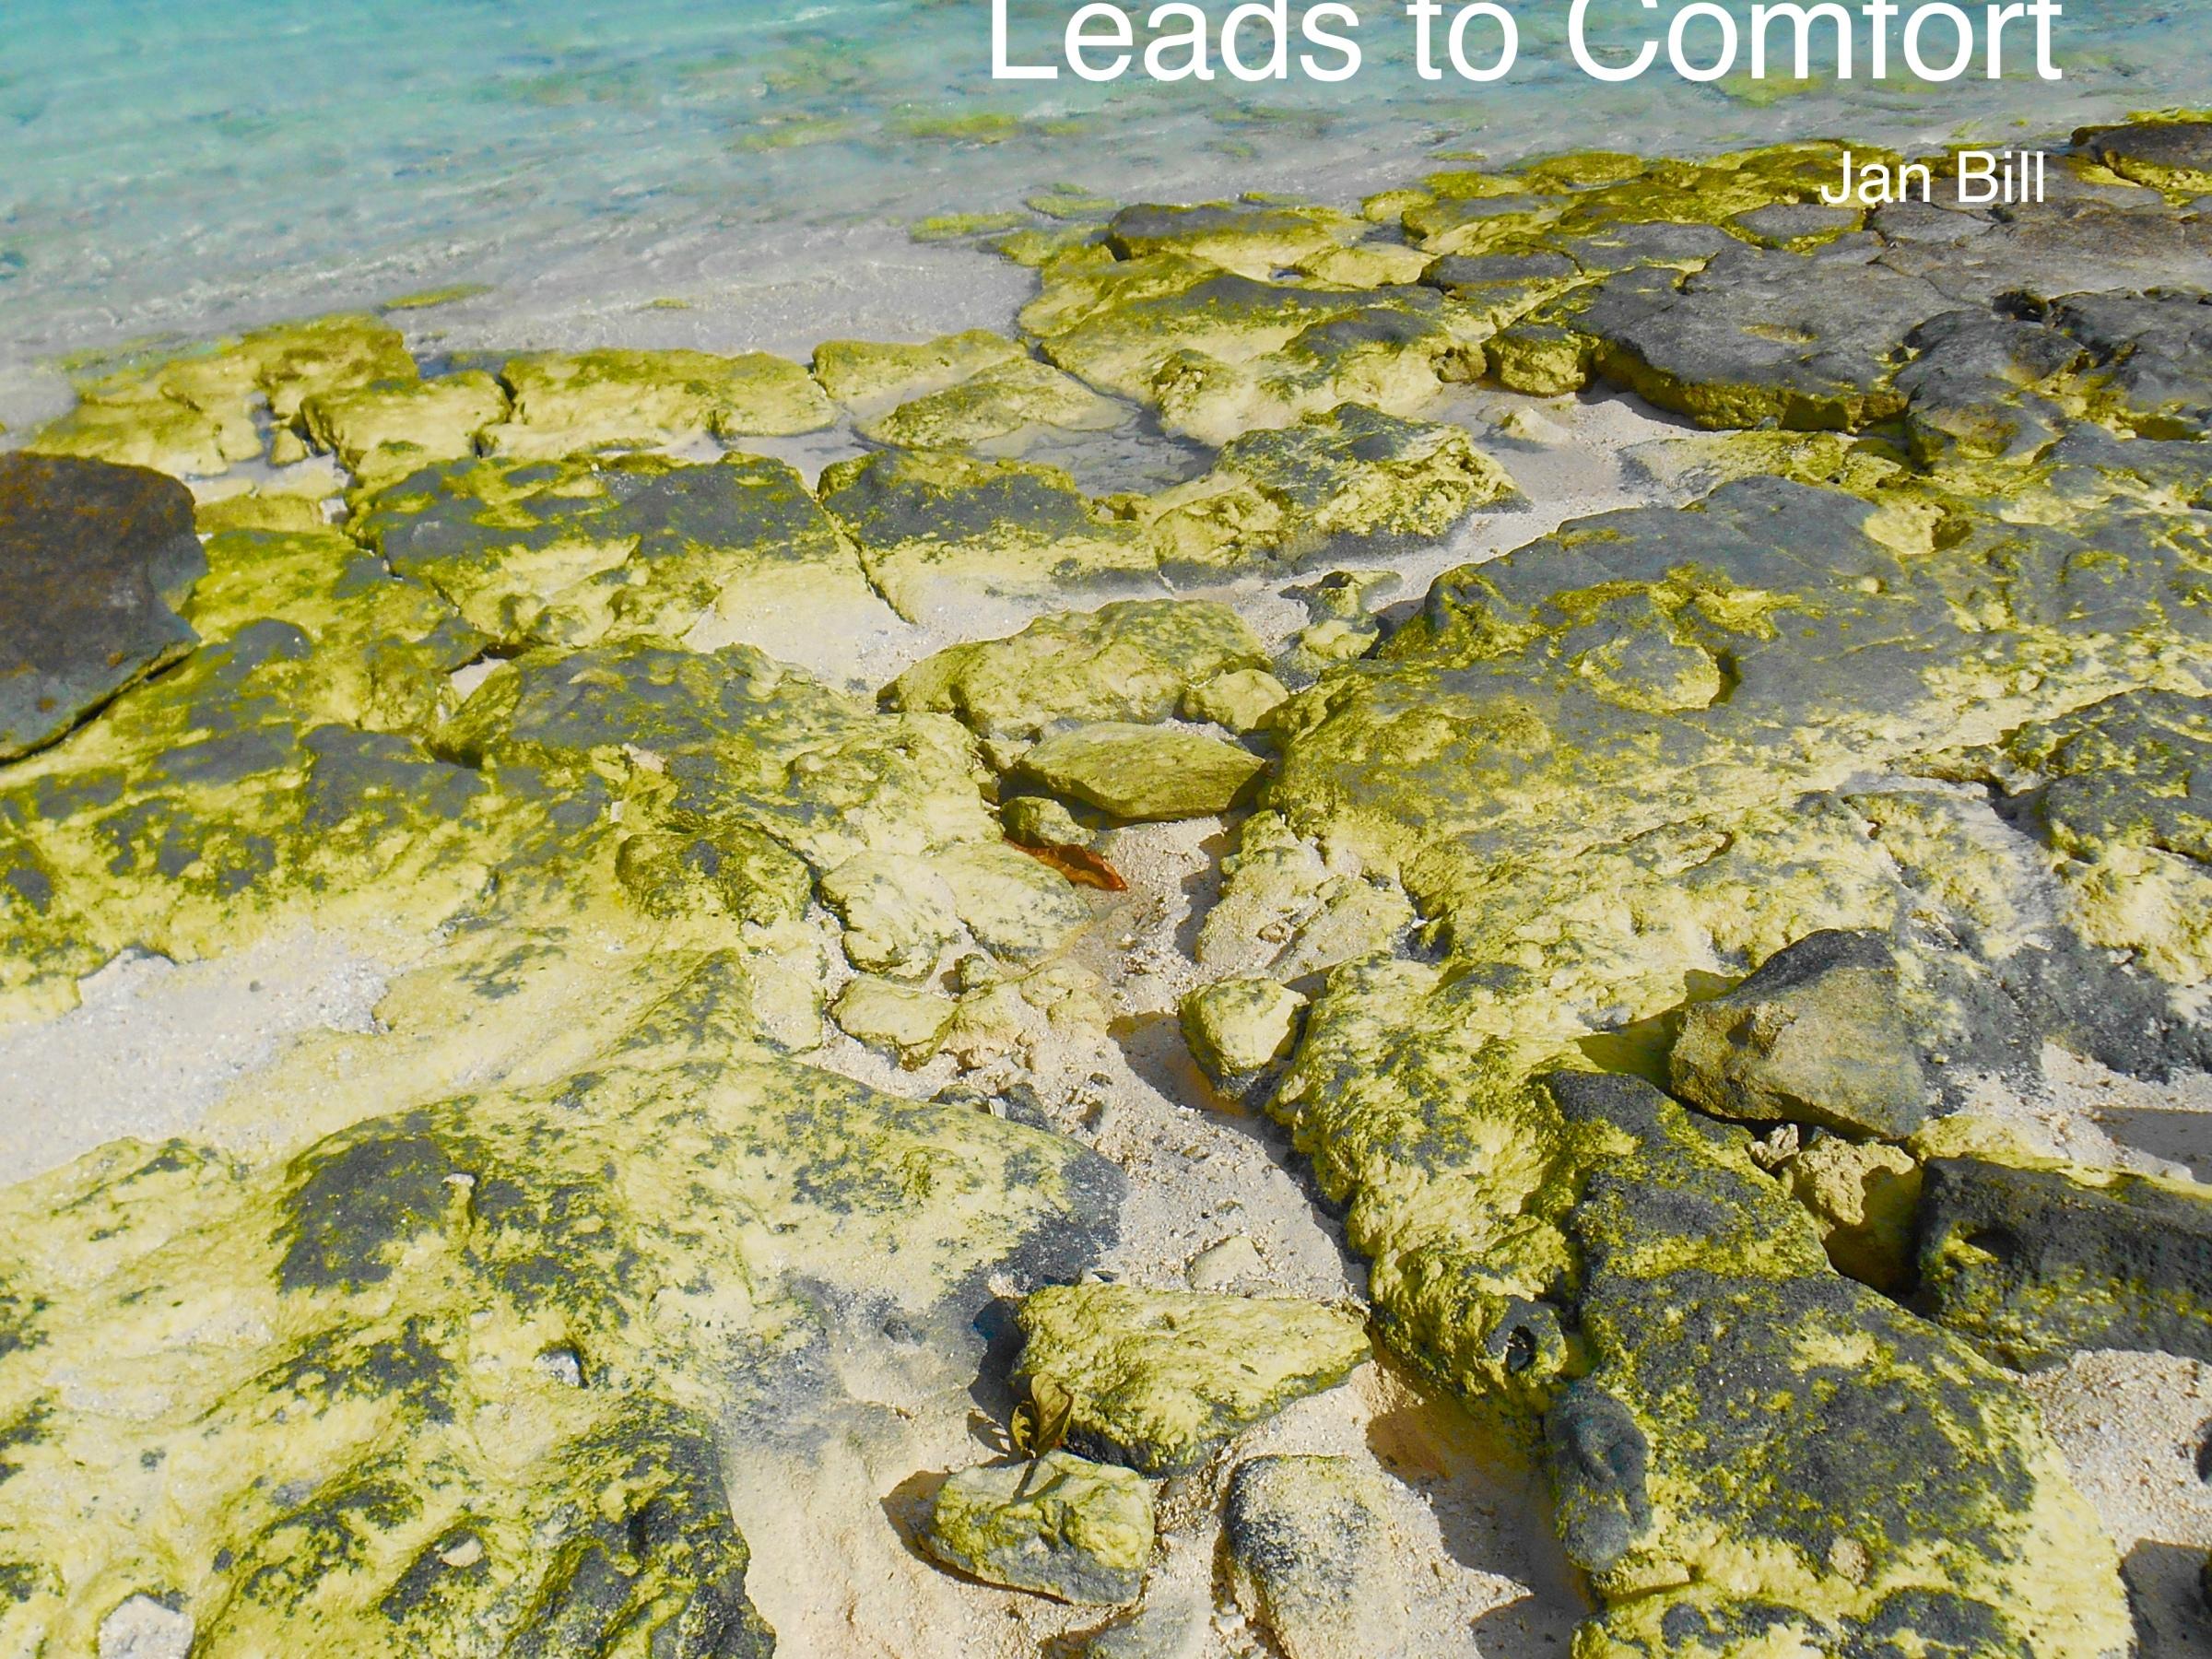 image of yellow rocks in the ocean in Tahiti